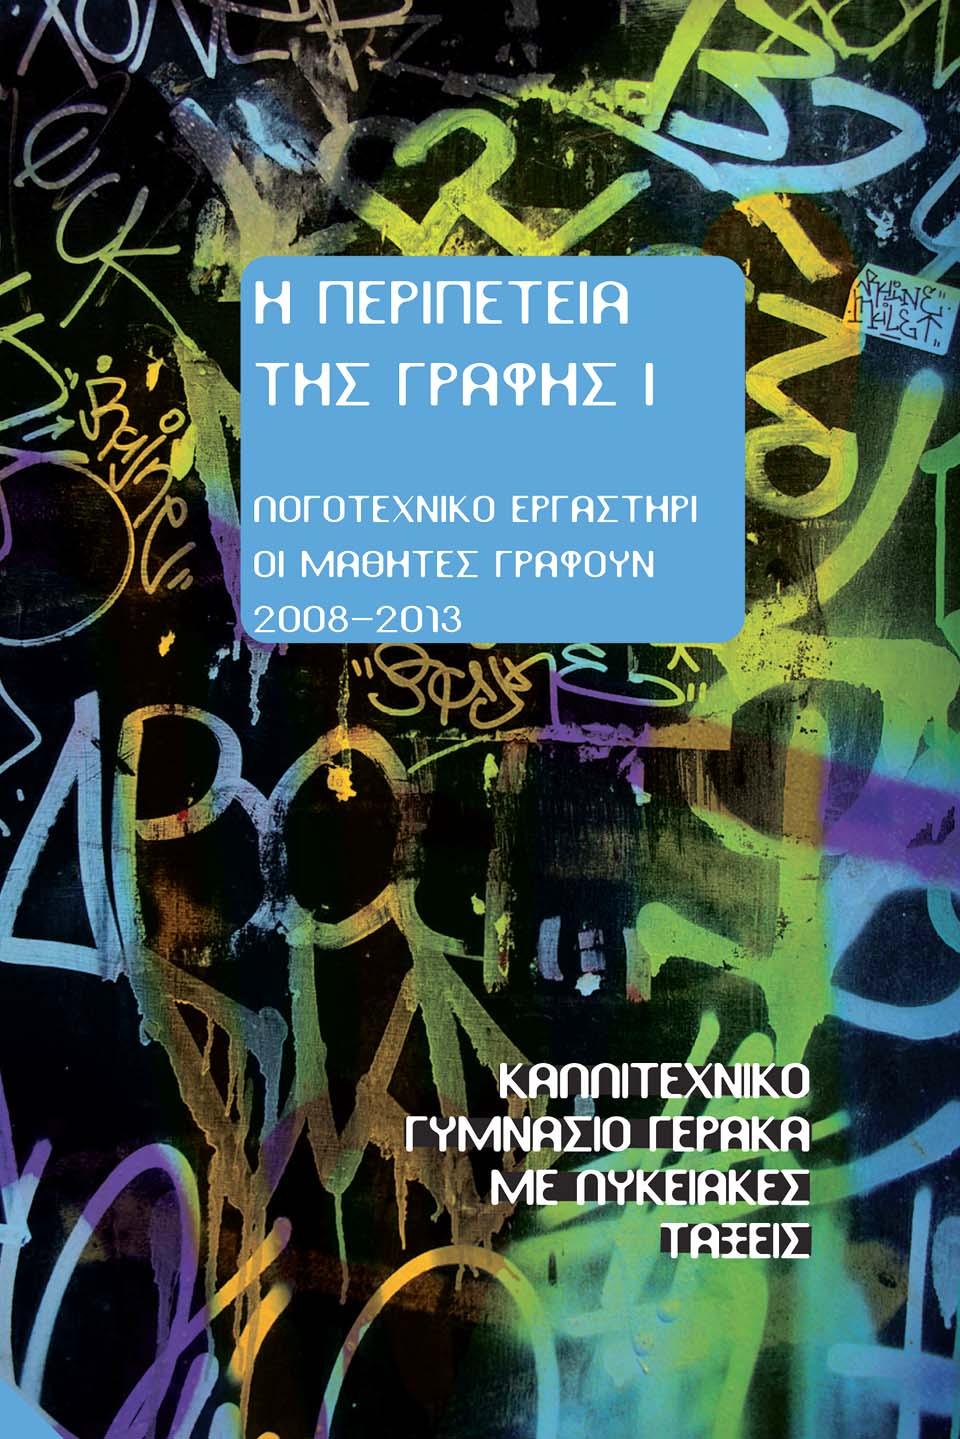 zografizoyn-choreyoyn-grafoyn-kai-einai-scholeio1